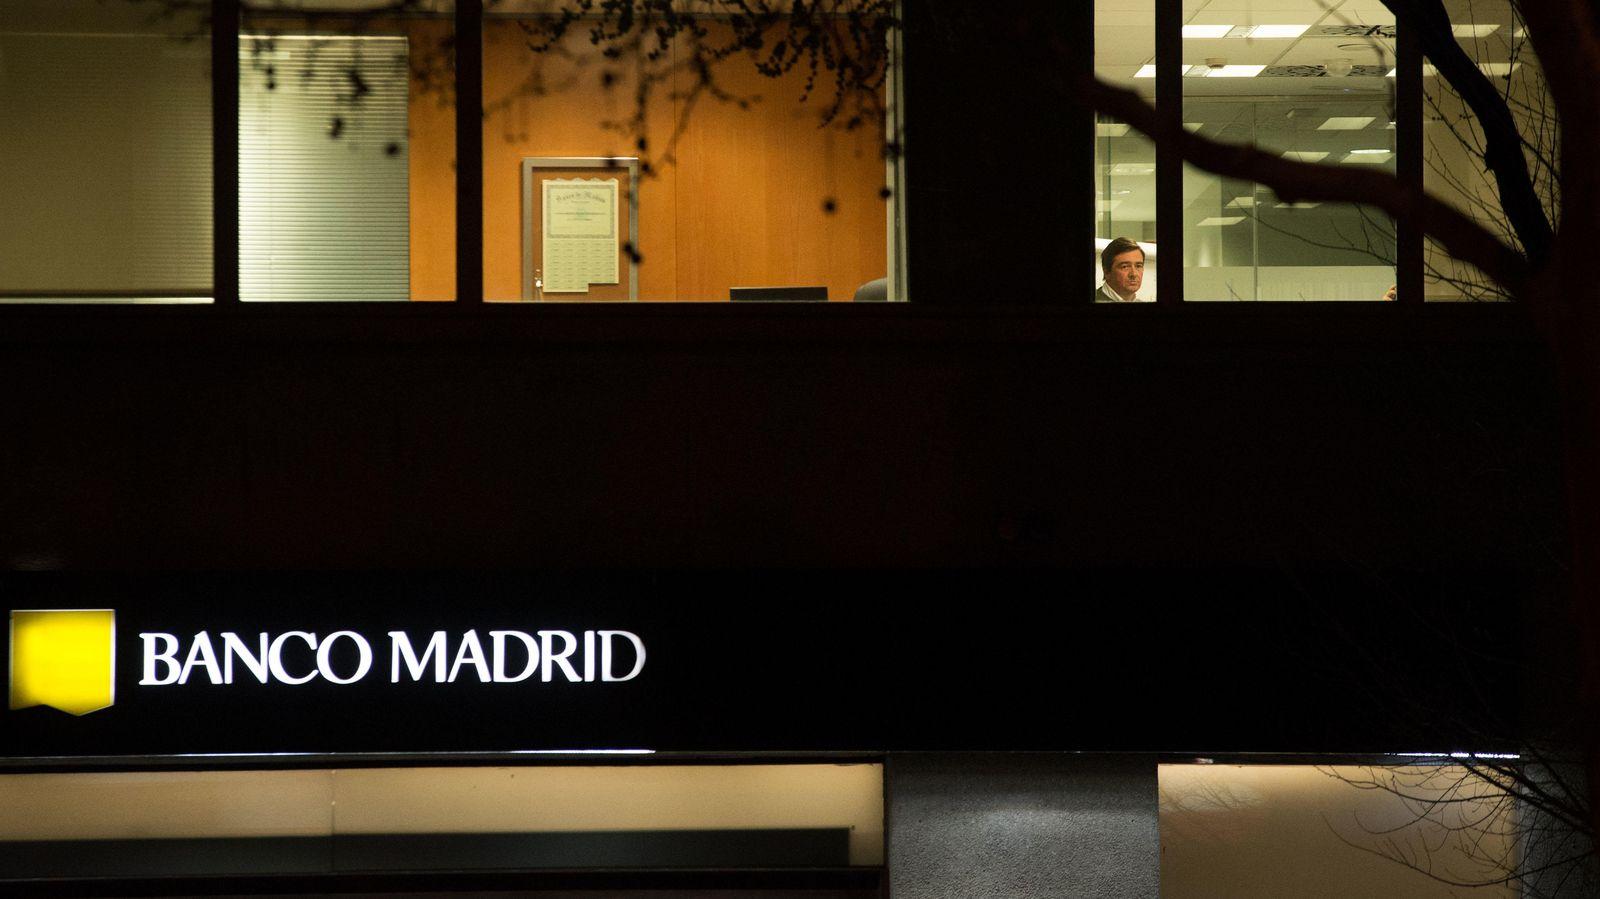 Foto: Imagen de las oficinas de Banco Madrid (Imagen: Pablo López Learte)